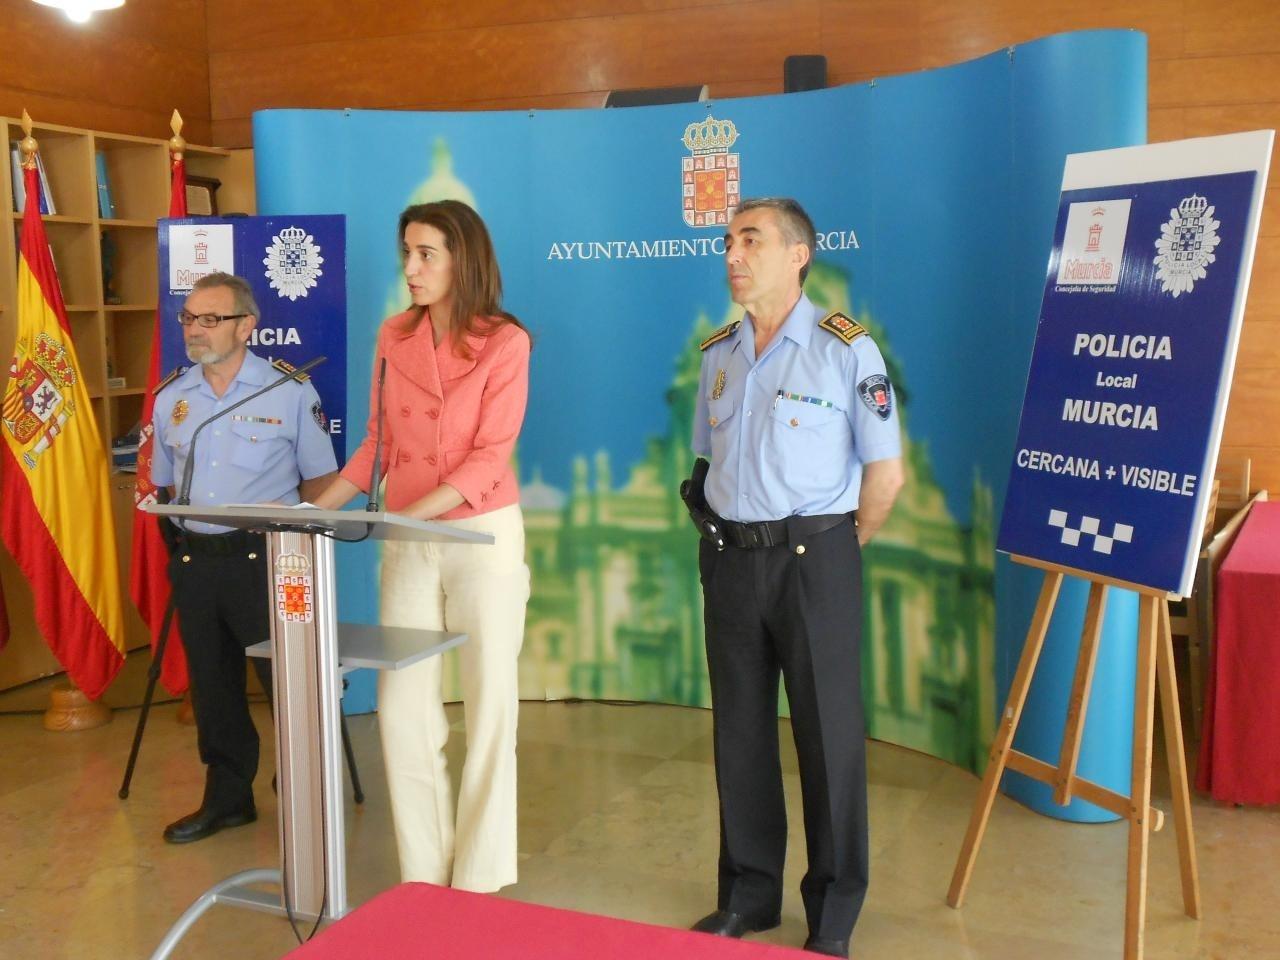 La Policía Local de Murcia pone en marcha un dispositivo especial de vigilancia en verano